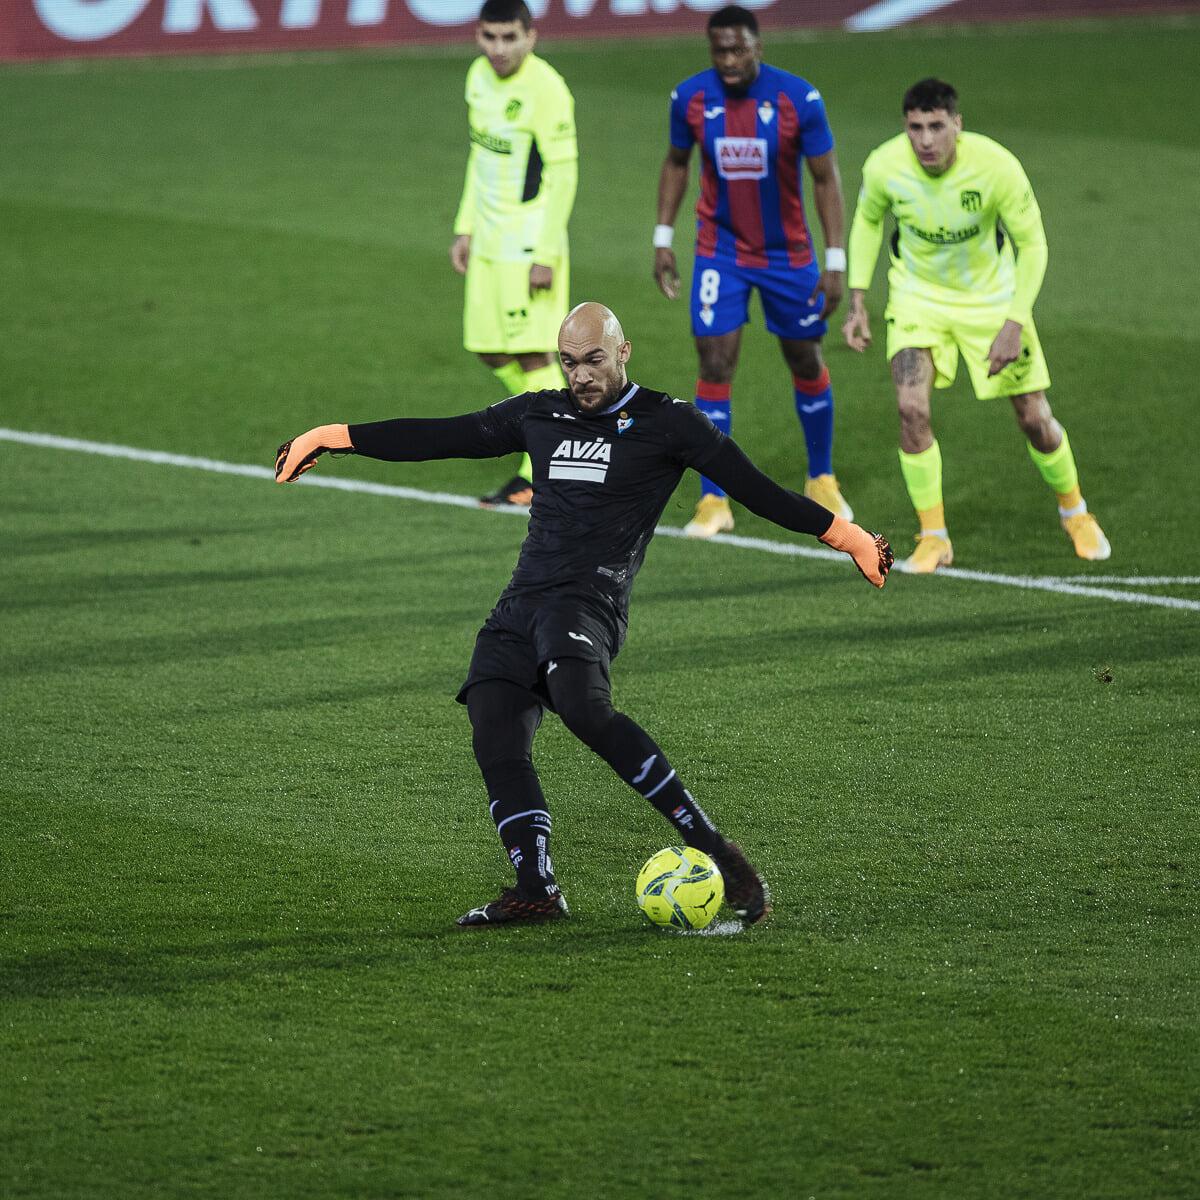 «Атлетико» пропустил от вратаря «Эйбара» Дмитровича с пенальти. Голкиперы не забивали в Ла Лиге 10 лет